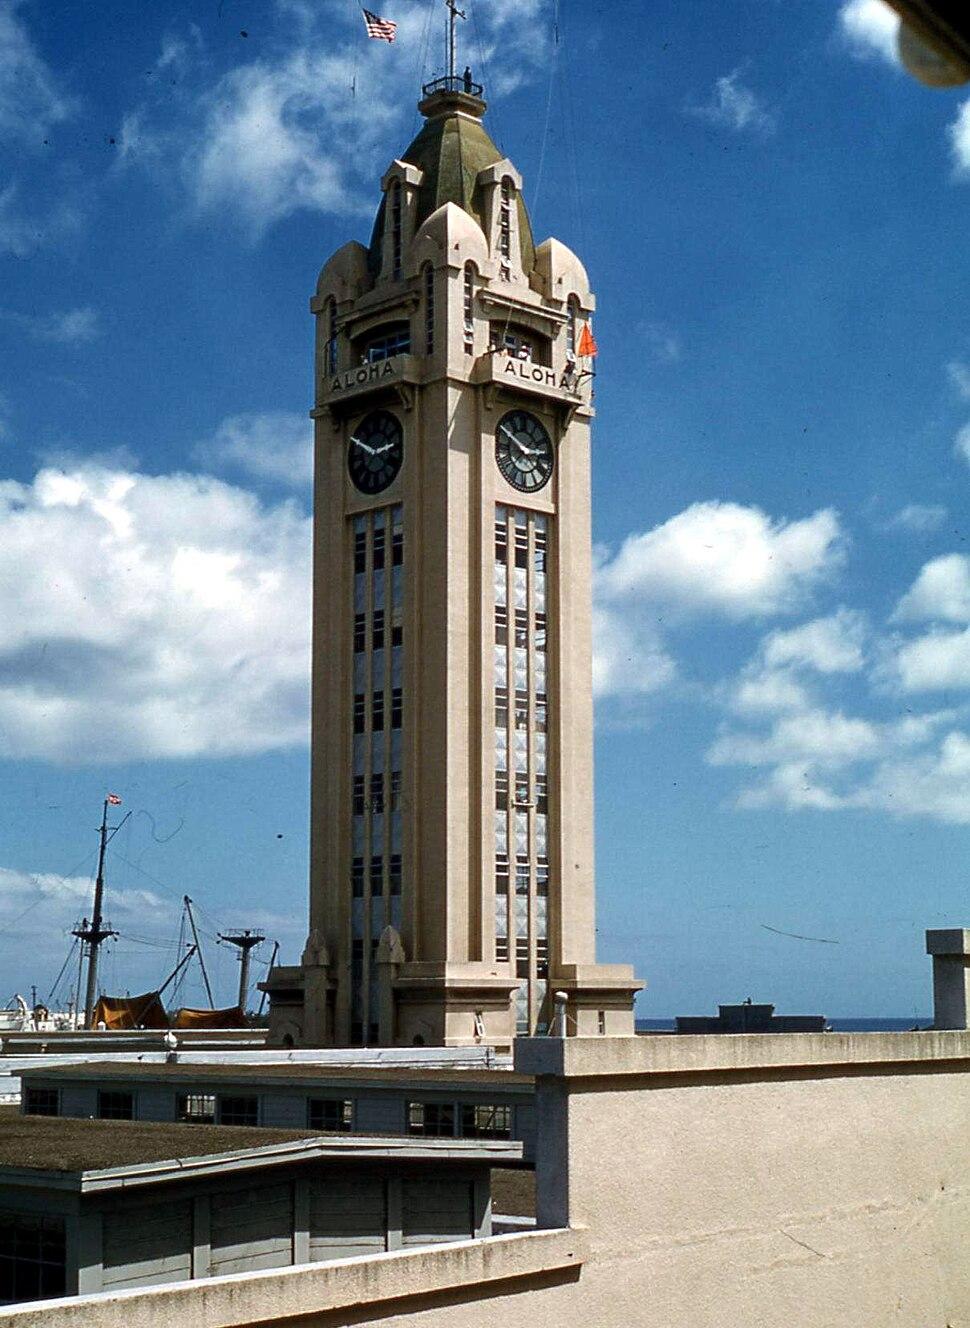 Aloha Tower, Honolulu, 1959